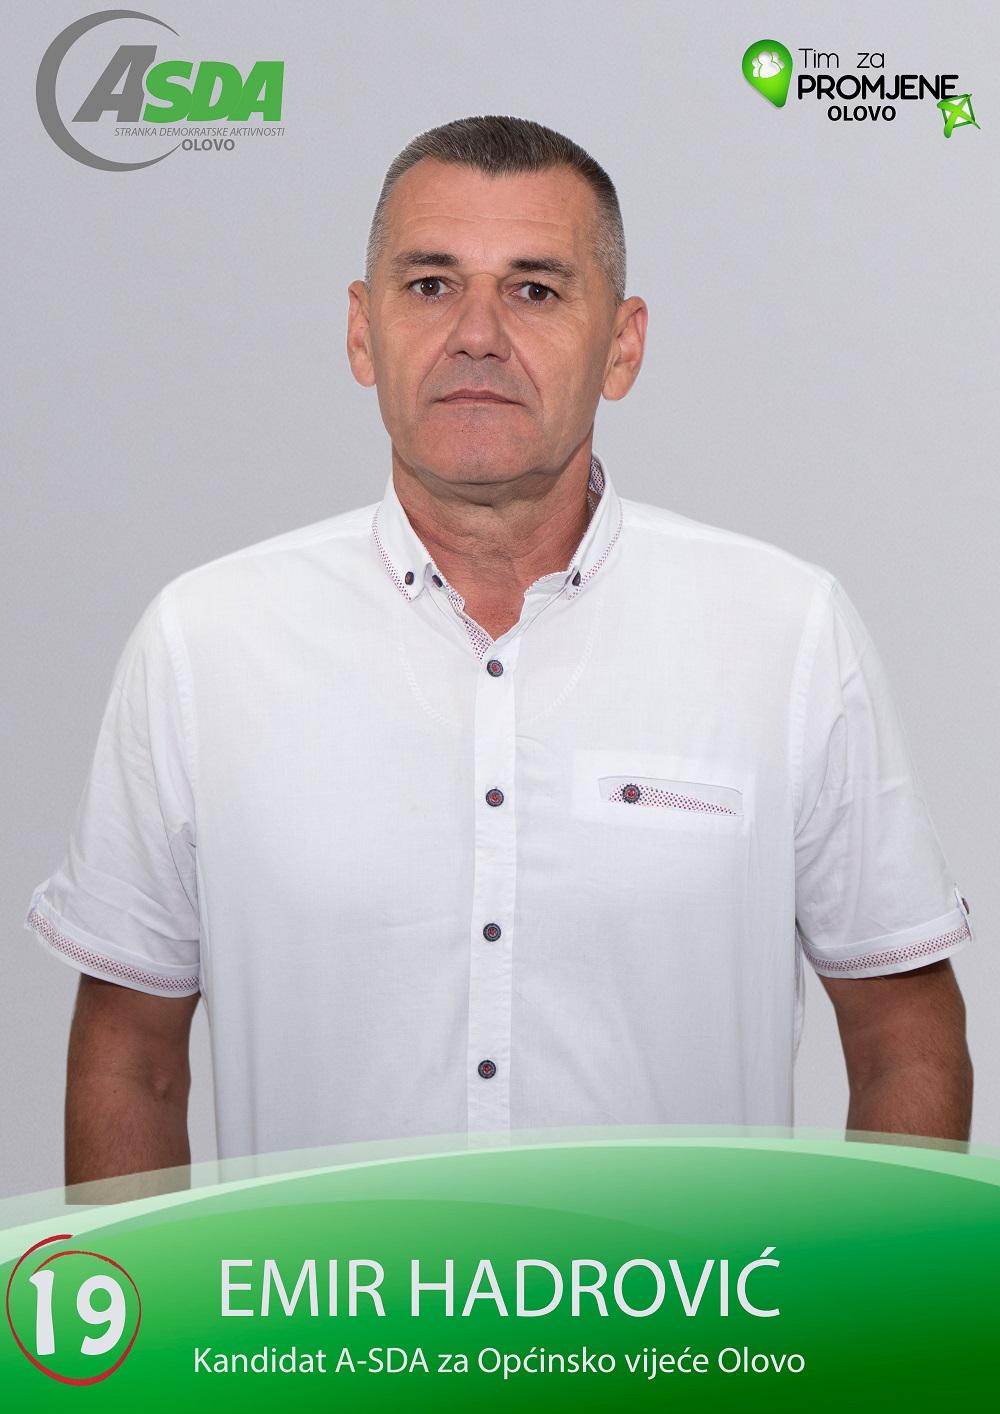 Emir Hadrović